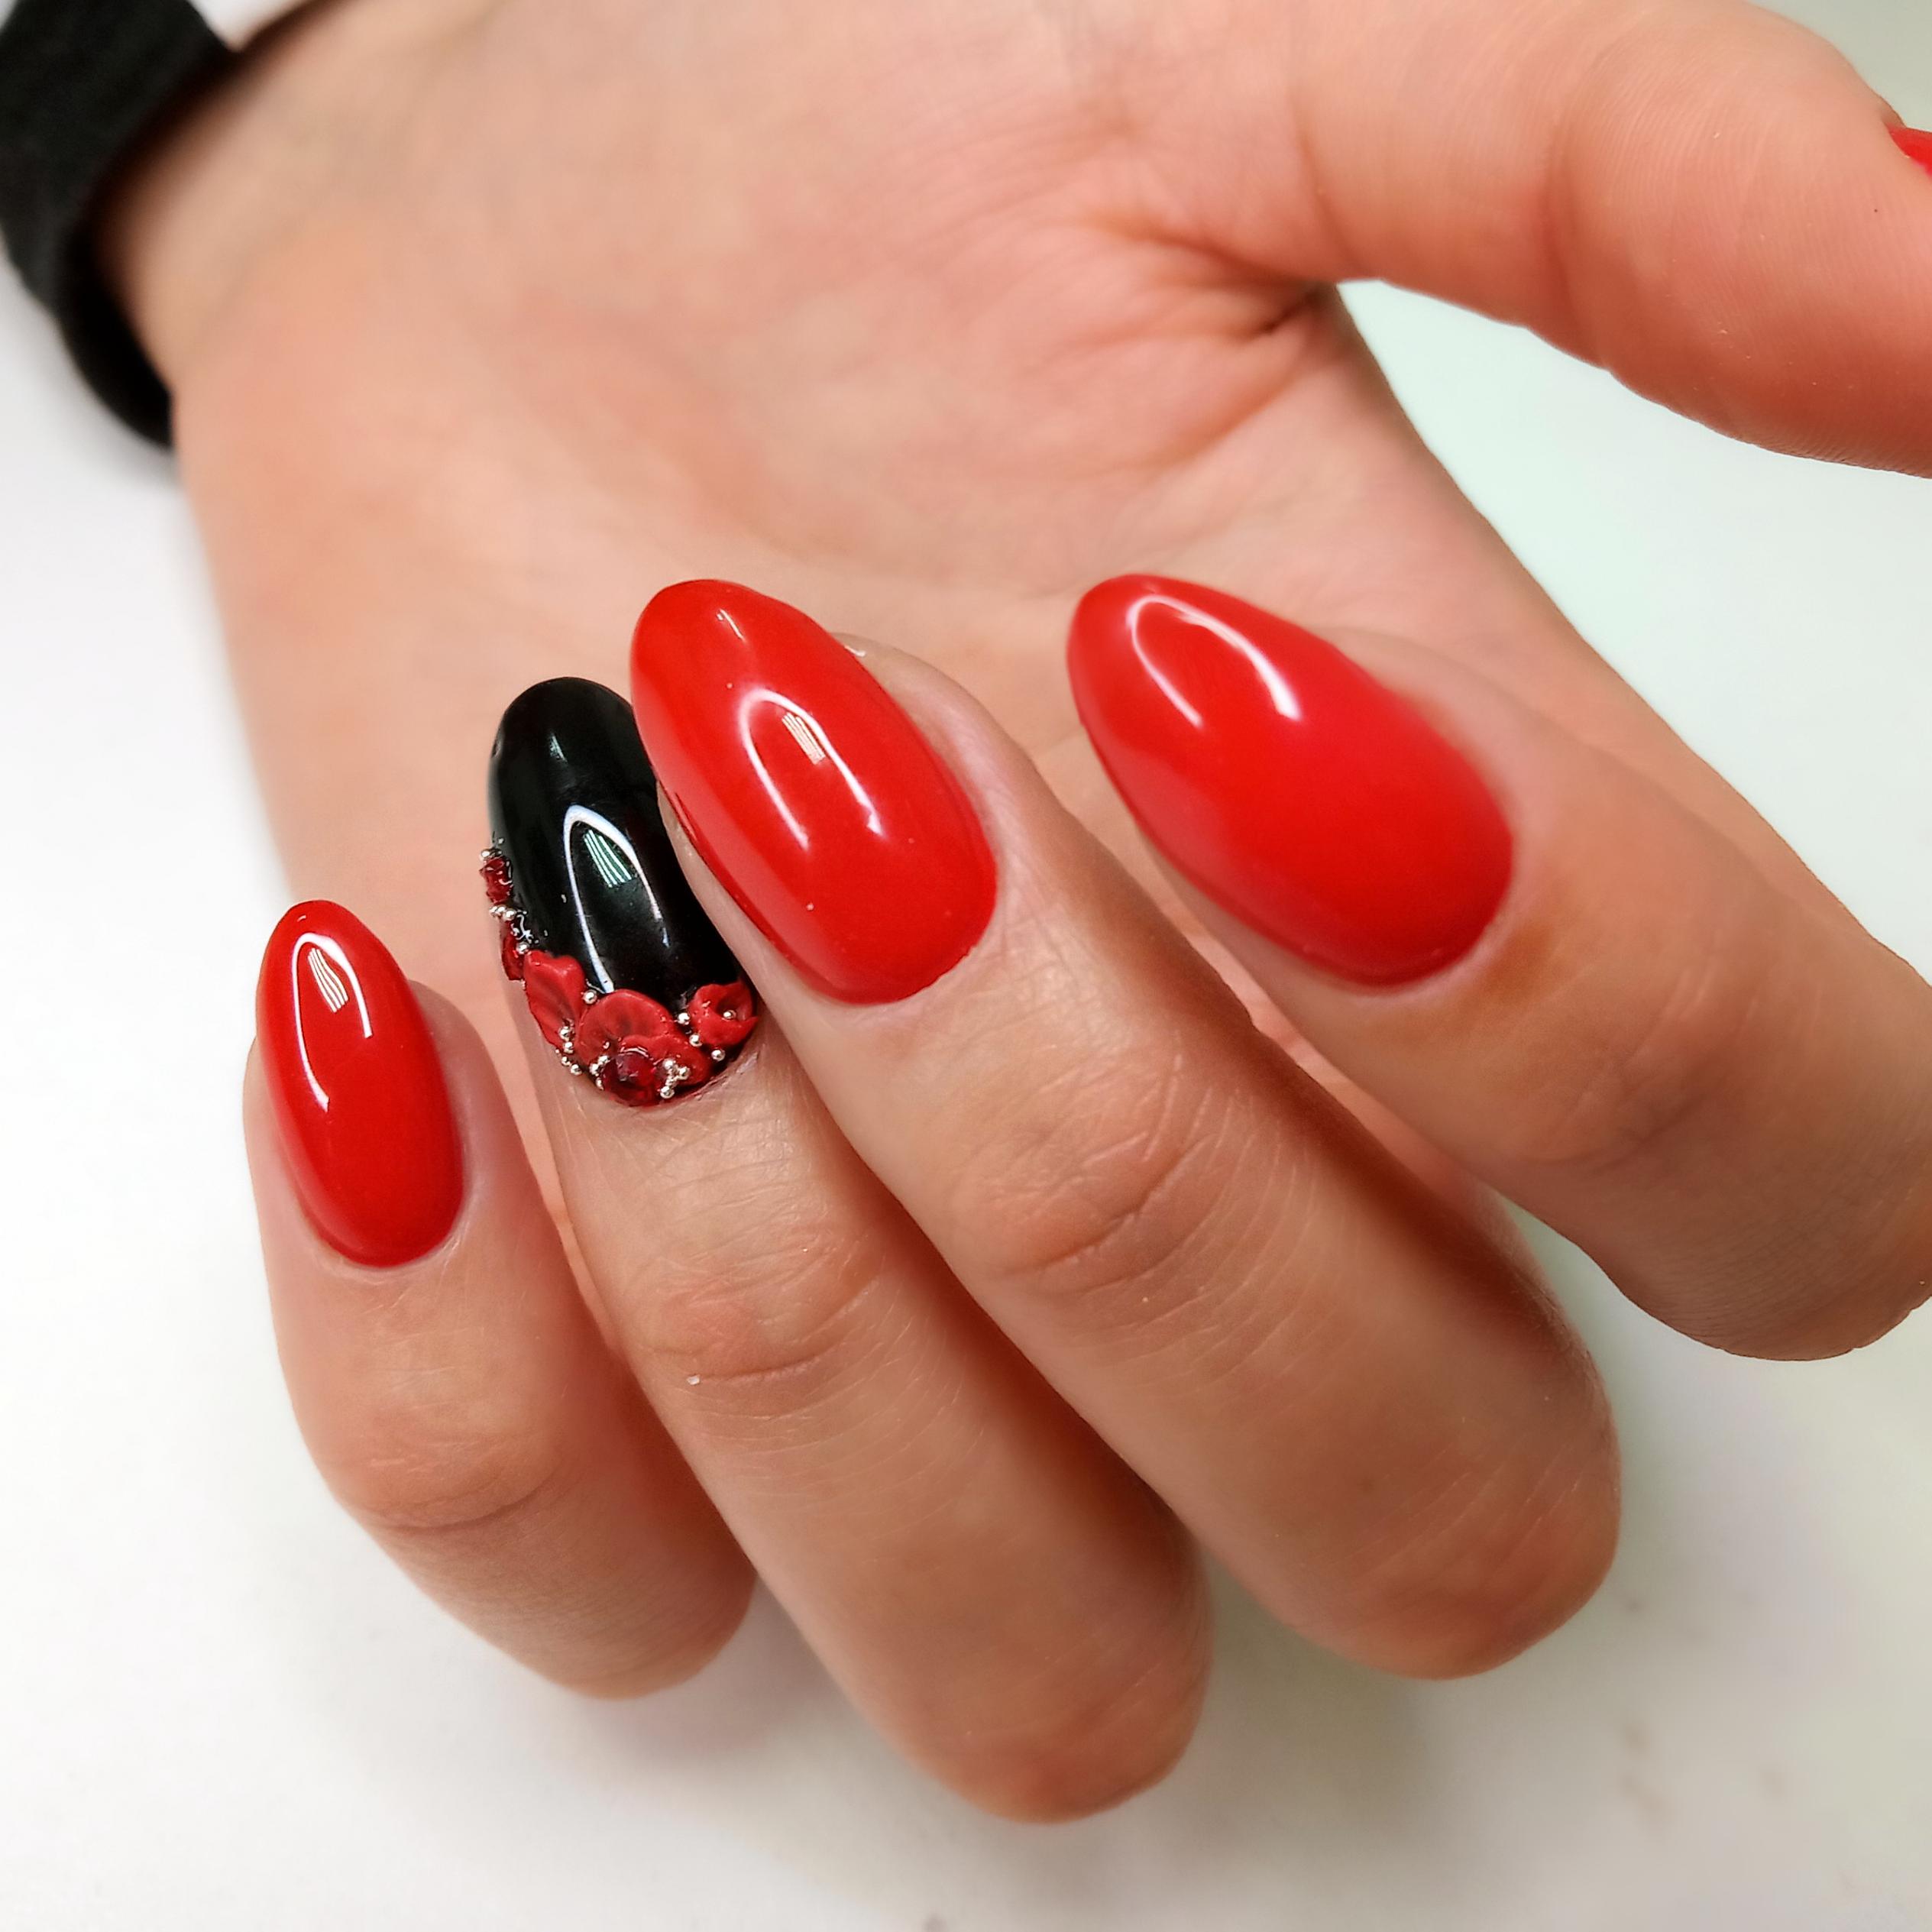 Маникюр с цветочной лепкой в красном цвете на длинные ногти.